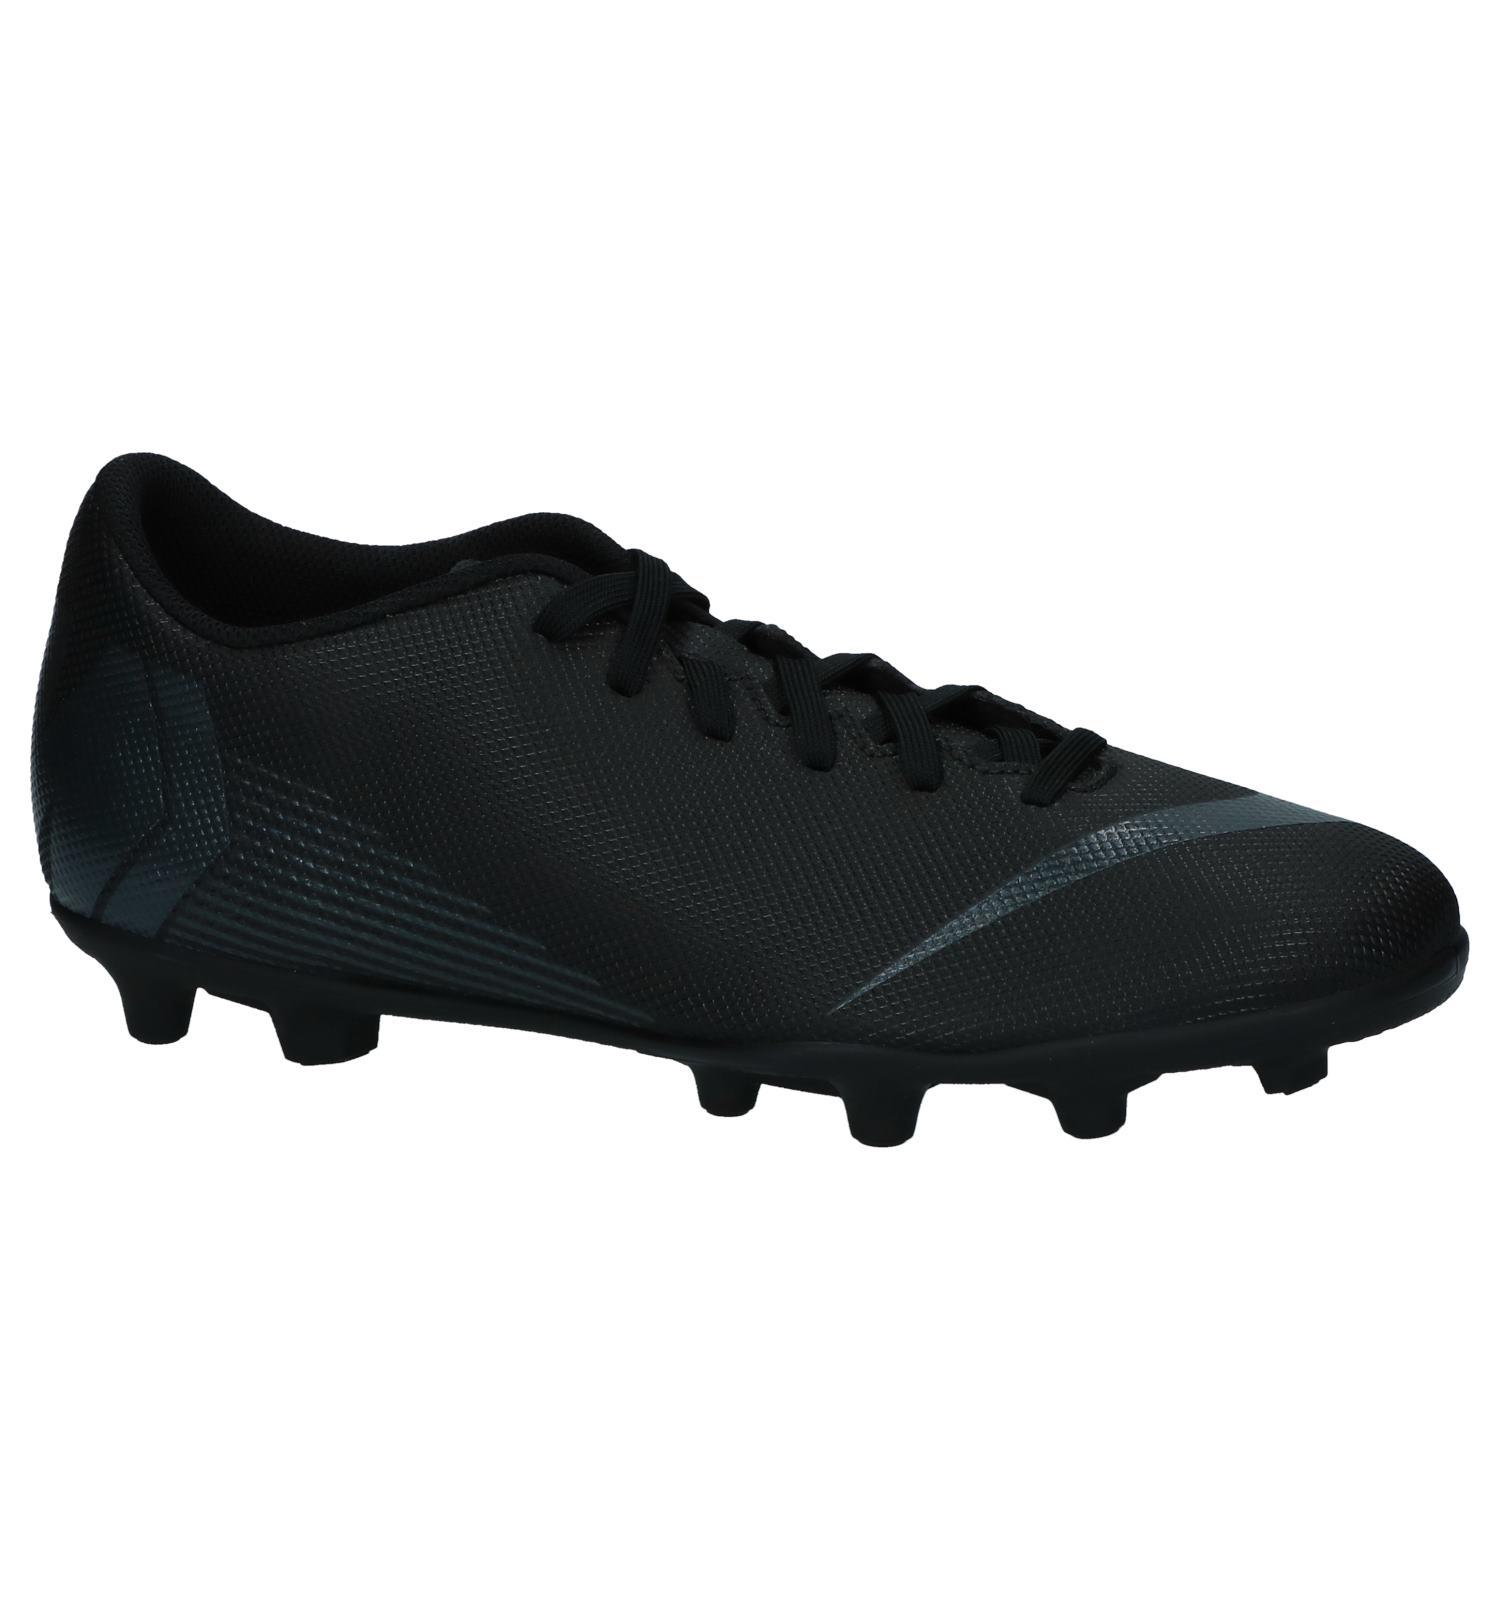 best loved 0eb43 4b5ec Nike Vapor Zwarte Voetbalschoenen met Noppen  TORFS.BE  Gratis verzend en  retour